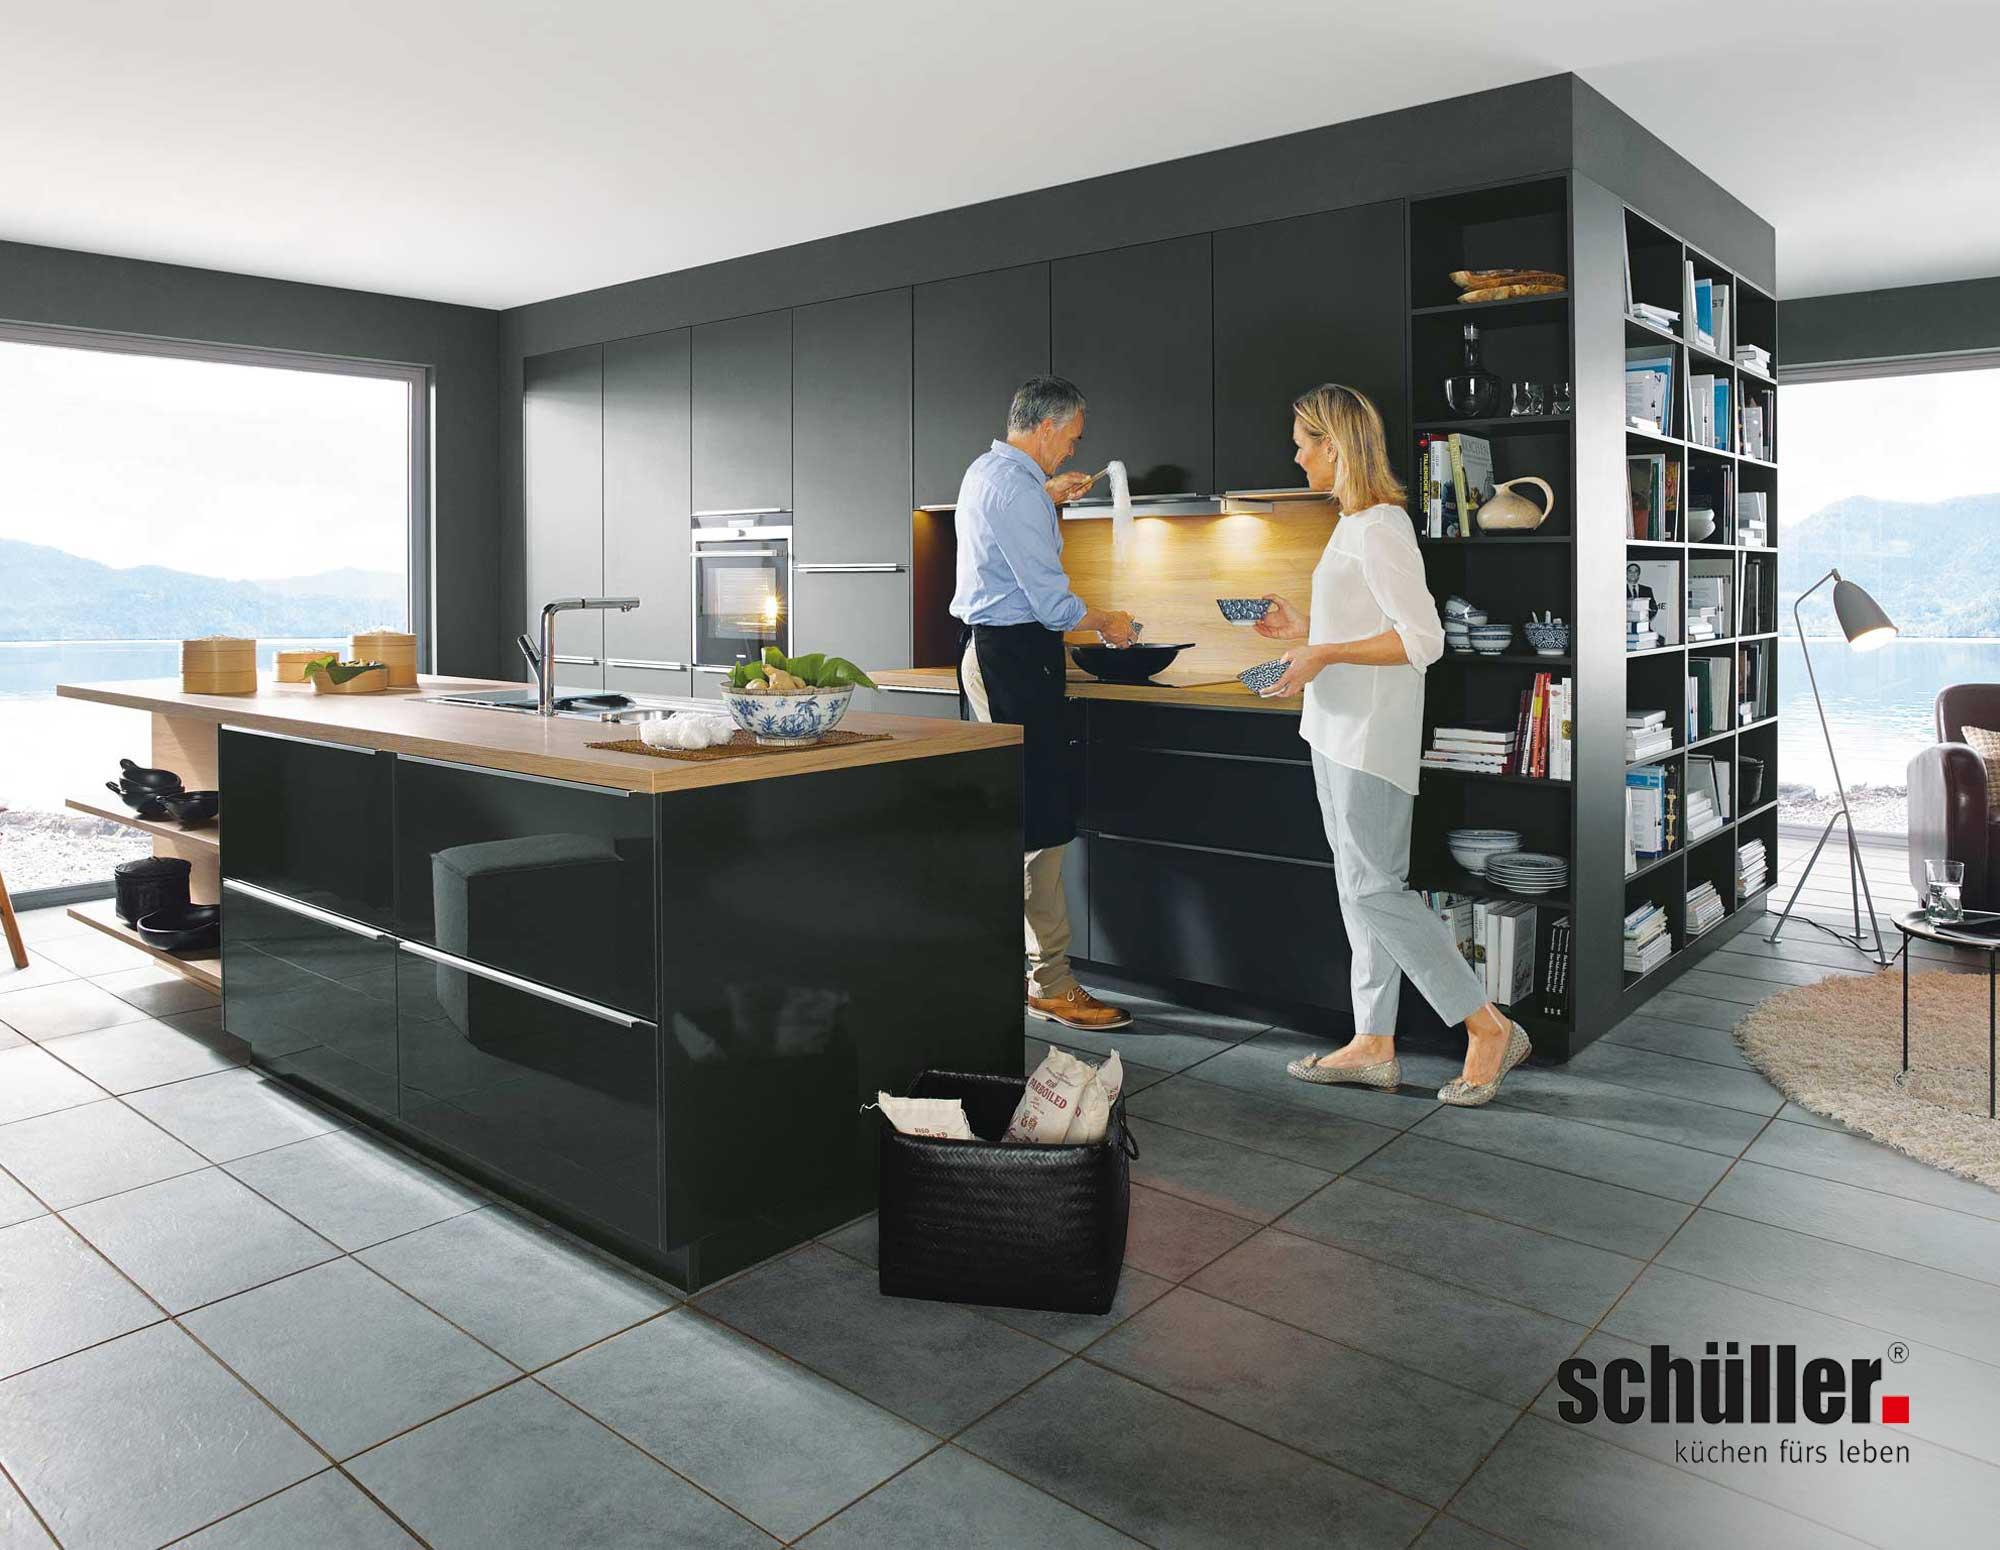 Full Size of Schller Inselkche Glasline Im Modernen Design Jetzt Online Stbern Inselküche Abverkauf Bad Küche Inselküche Abverkauf